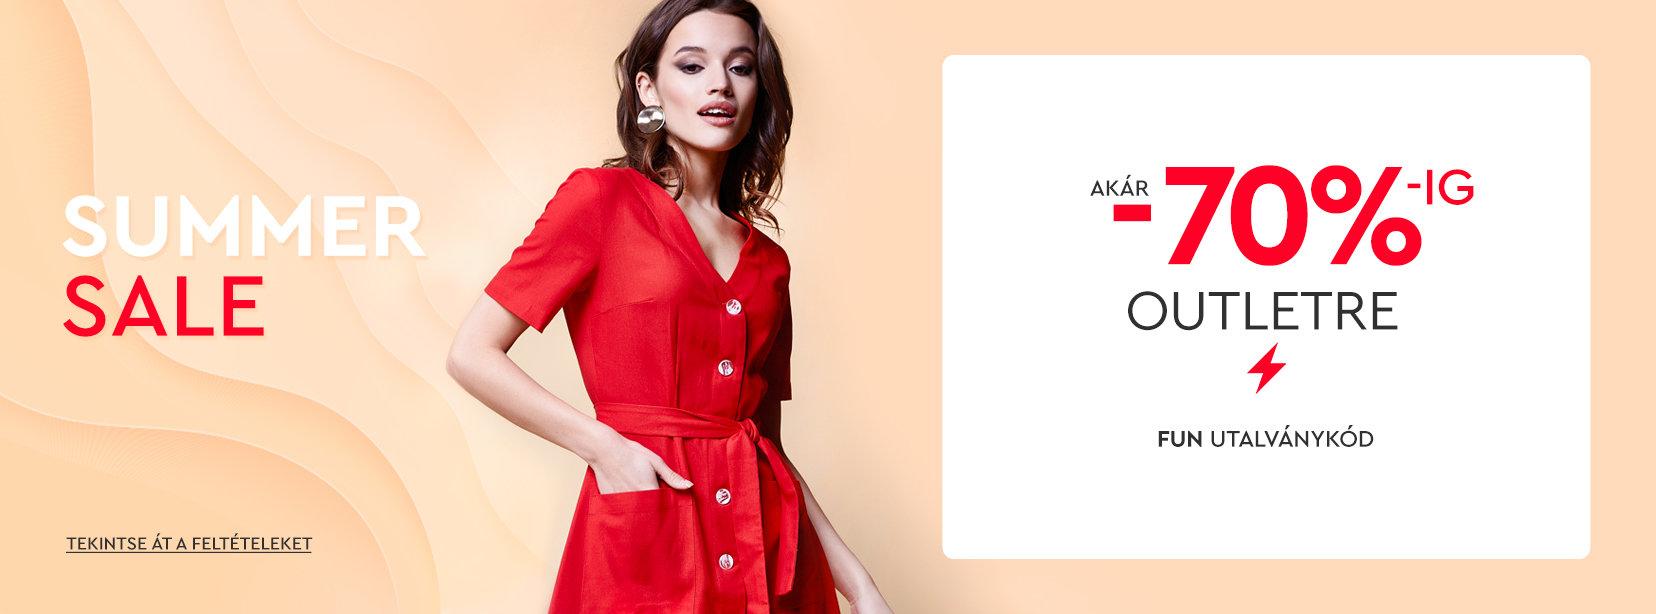 91fbaea757f5 Férfi ruha - vásároljon kedvező áron Remix boltban